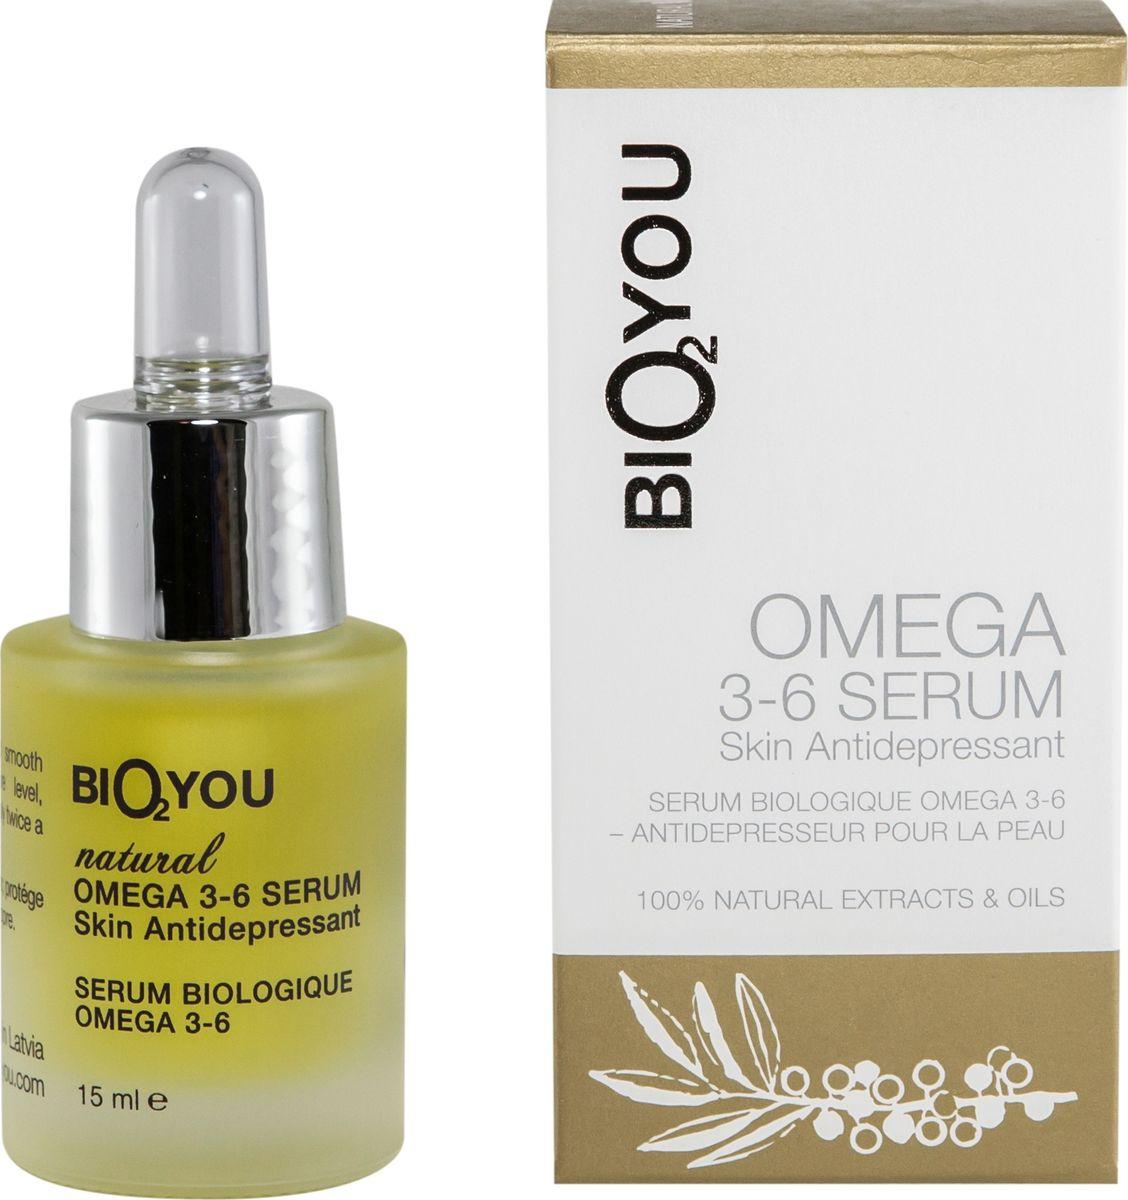 BIO2You Anti-age Skin Care Натуральная сыворотка омега 3-6, антидепрессант для кожи, 15 мл960121Специальная уникальная формула НАТУРАЛЬНОГО АНТИДЕПРЕССАНТА ДЛЯ КОЖИ обеспечивает помолодевший приятный цвет лица, эластичность и ровный цвет кожи, разглаживает кожу. Сыворотка содержит высококонцентрированные активные ингредиенты растительного происхождения и натуральные незаменимые жирные кислоты, которые повышают сопротивляемость кожи. Смесь ценных натуральных масел восстанавливает уровень влаги, придает коже сияние, усиливает микроциркуляцию и восстановление кожи